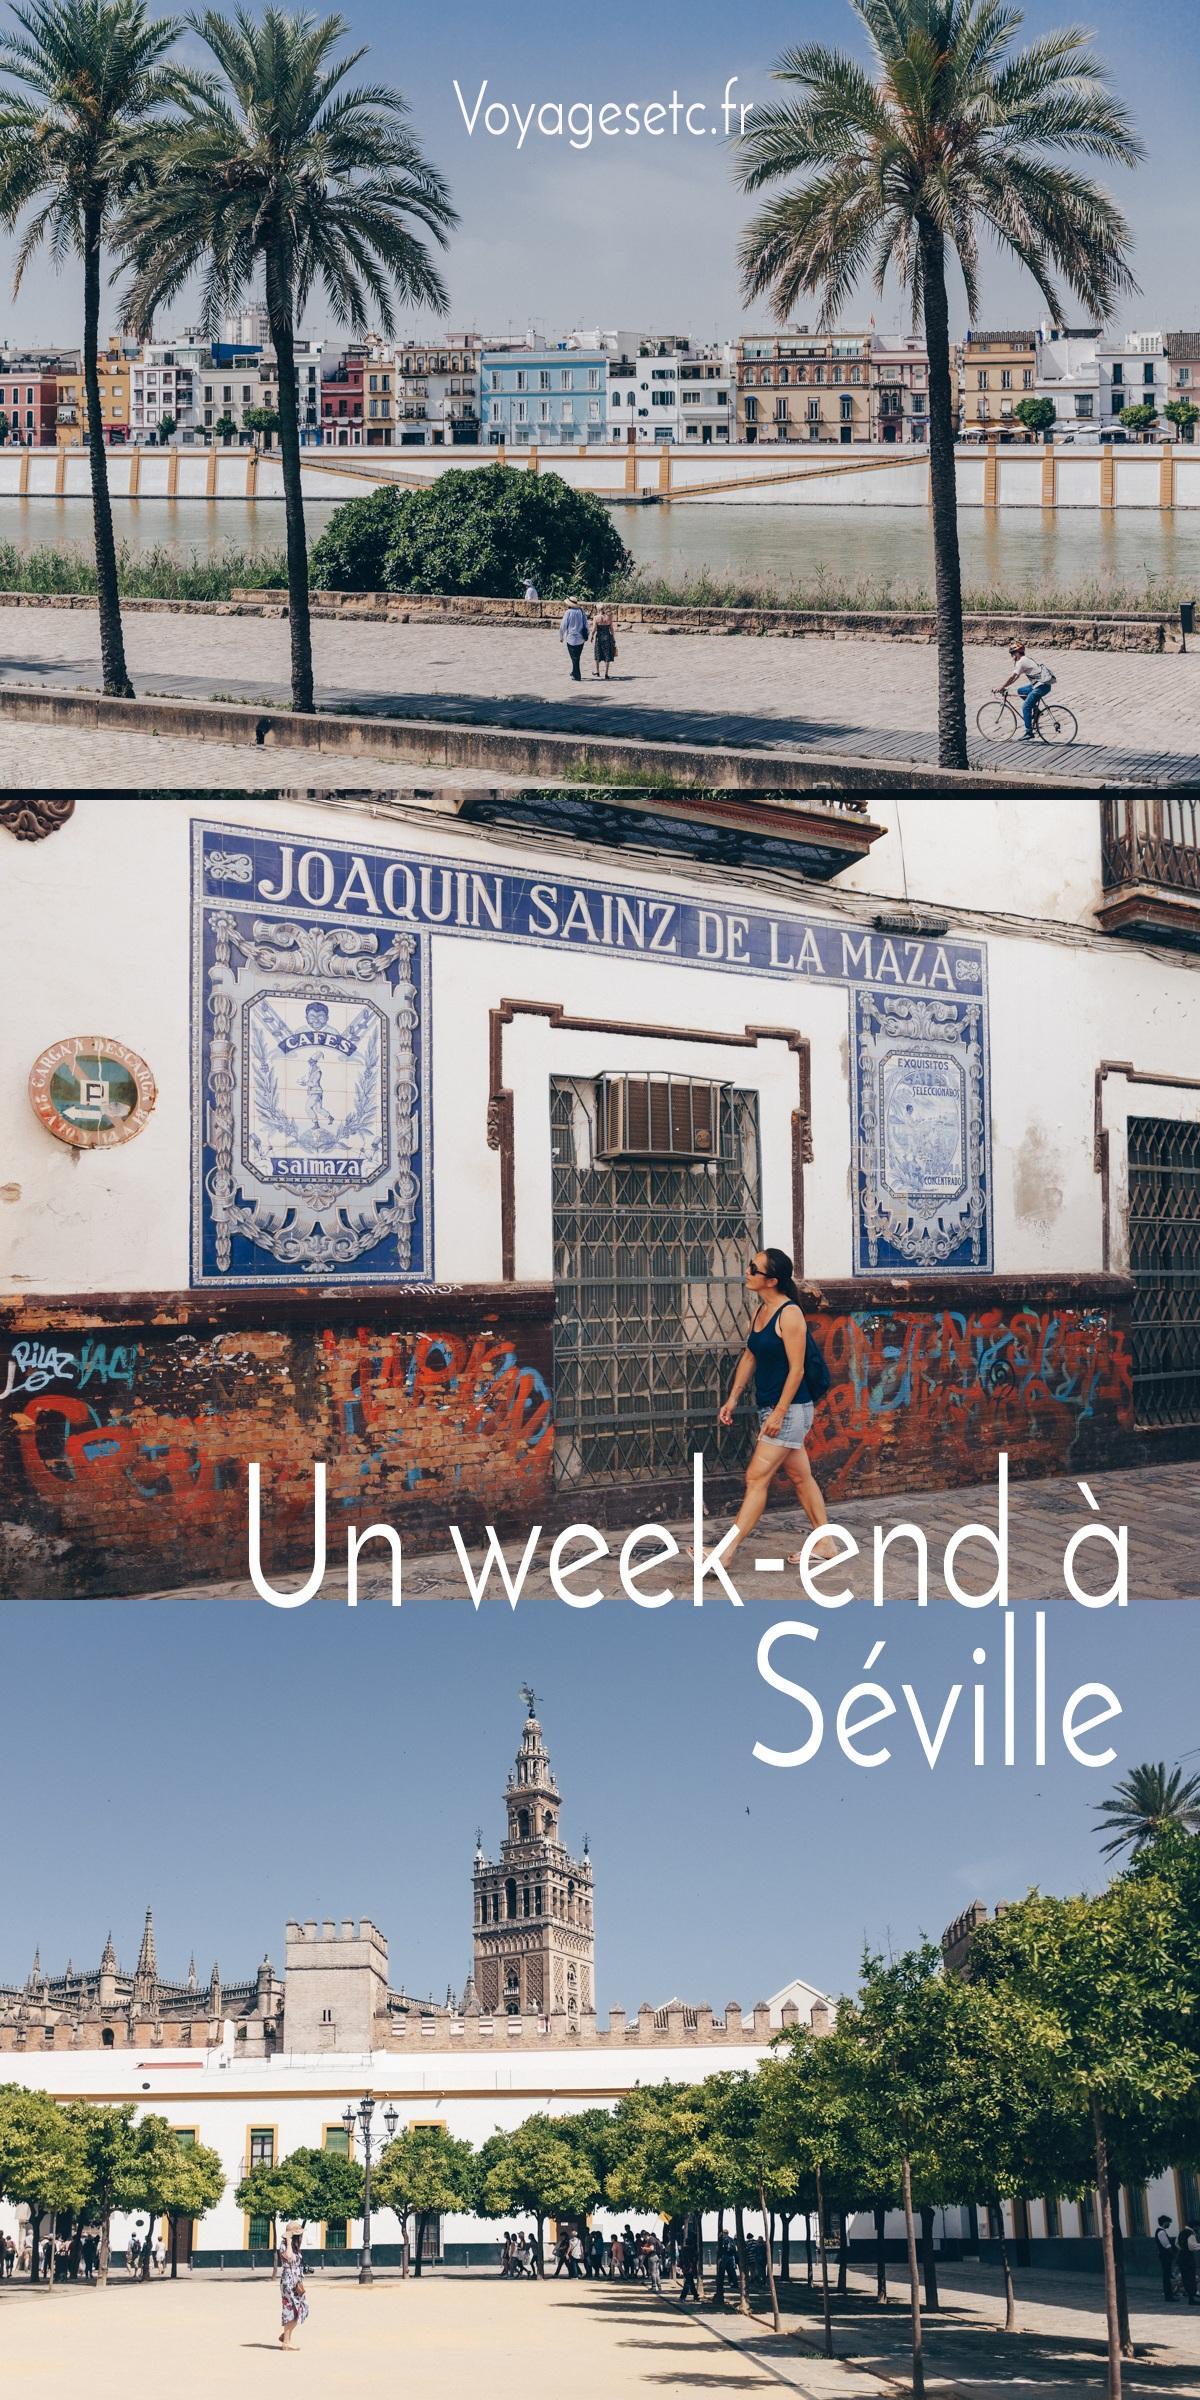 Visiter Séville en 3 à 5 jours et se laisser charmer par la belle andalouse